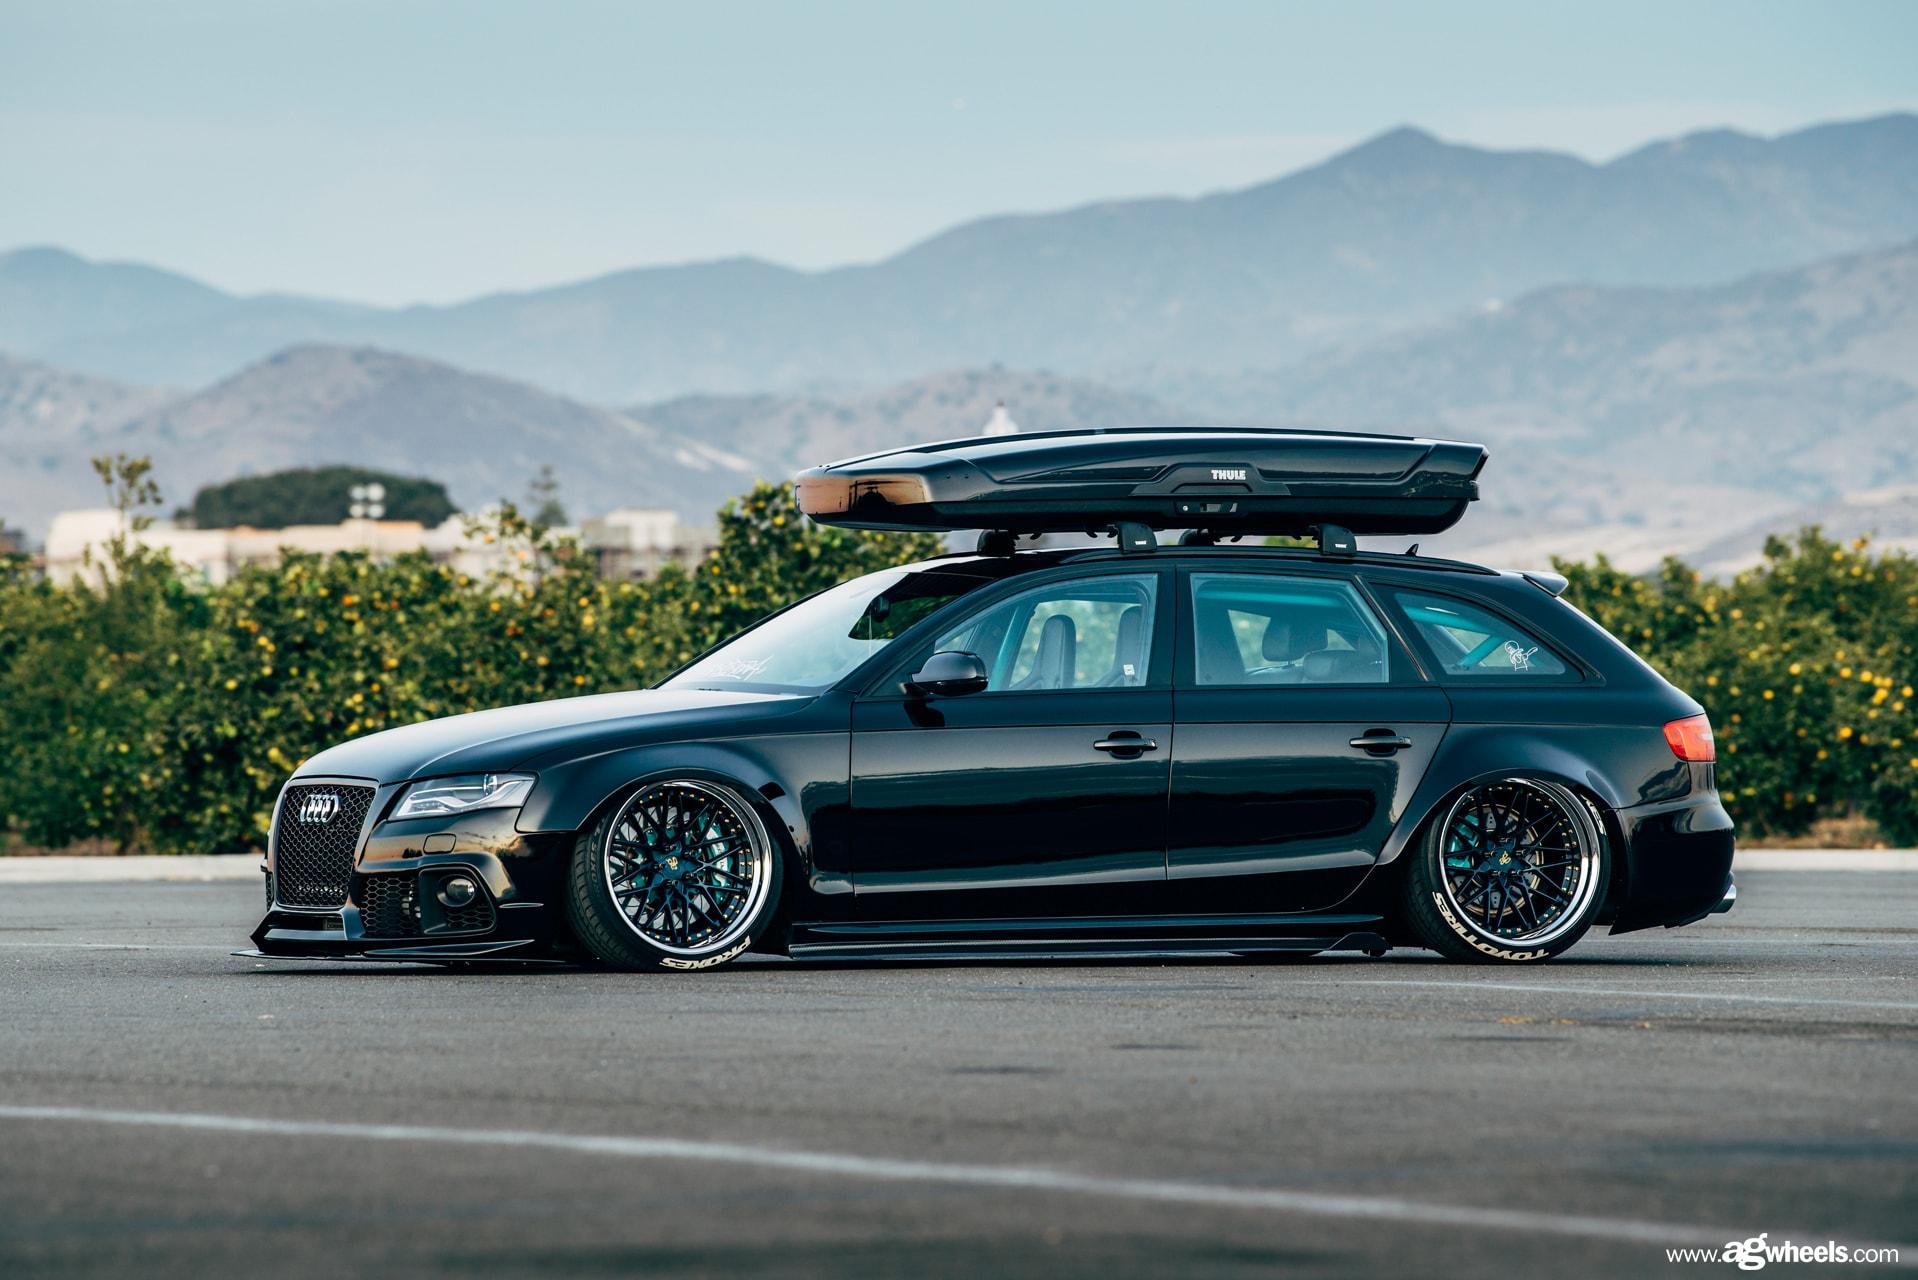 Audi A4 Avant x Avant Garde SR10